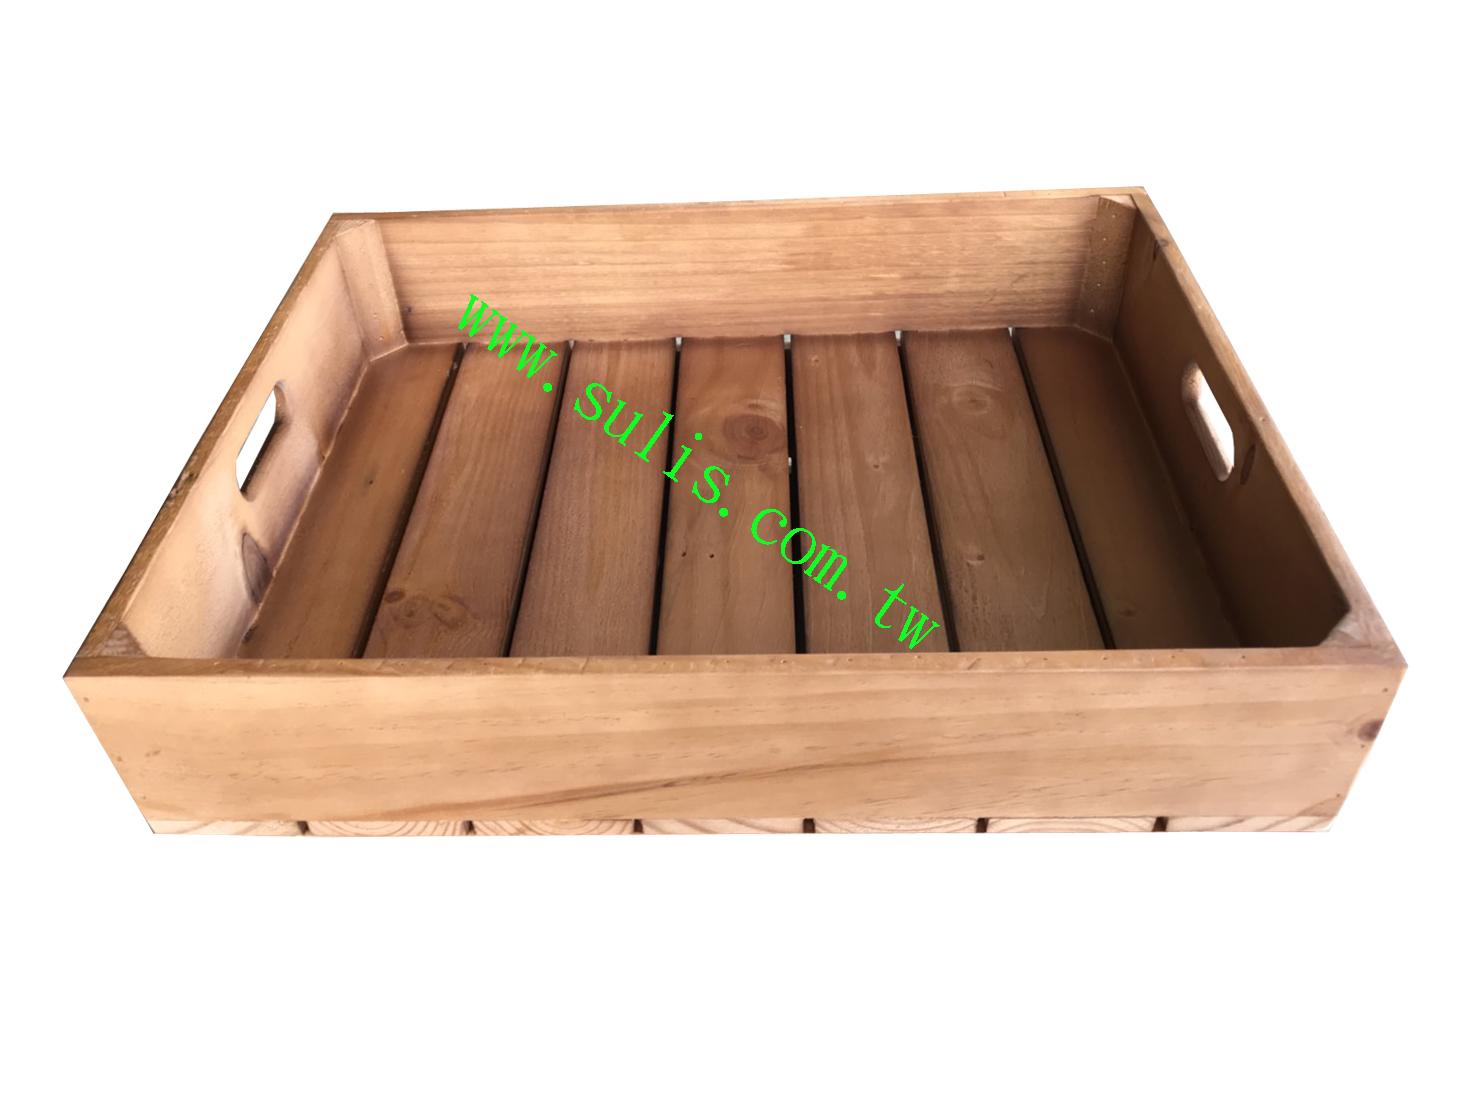 蔬果木箱設計2-14